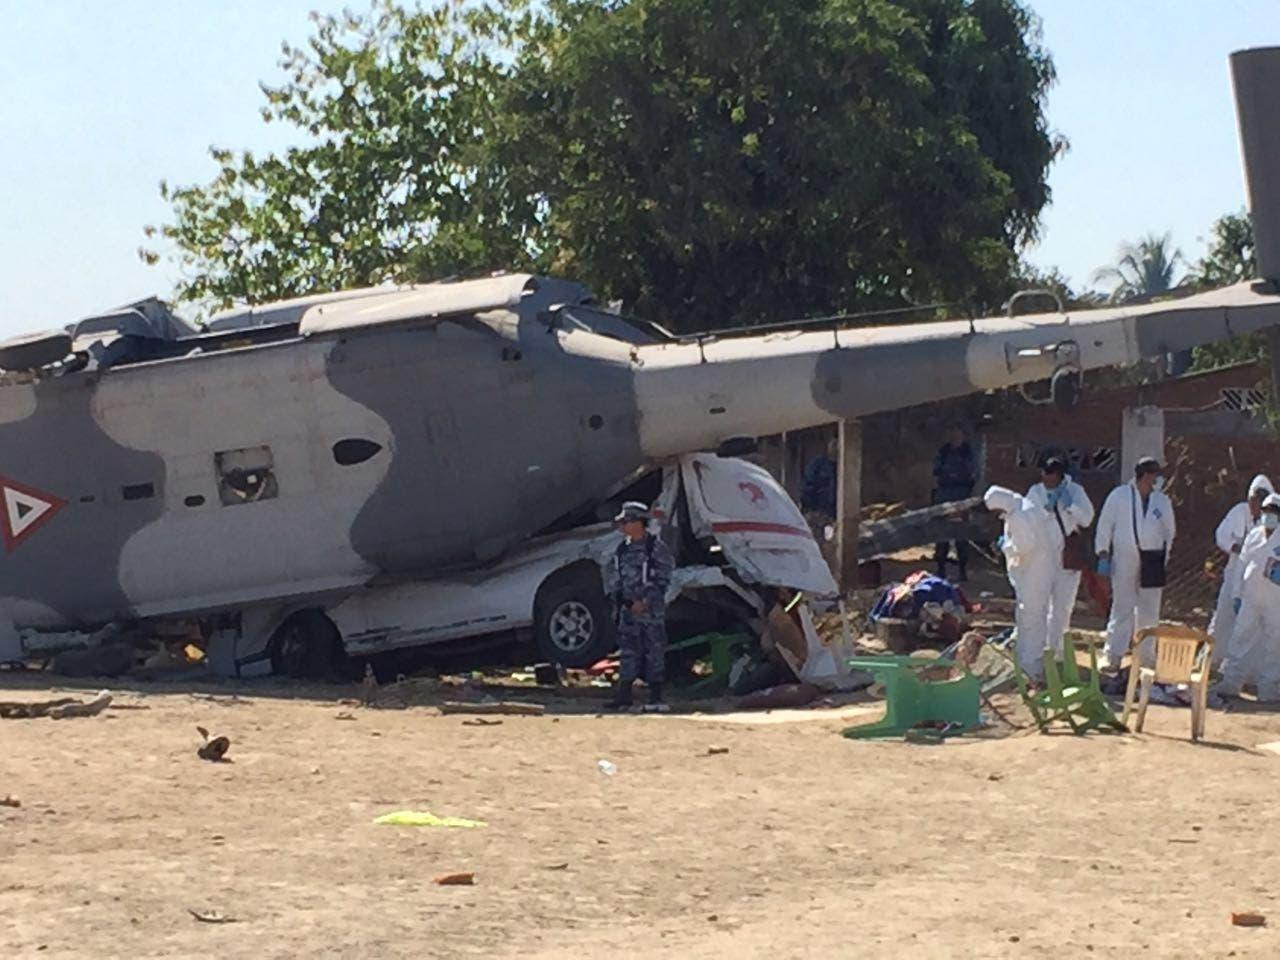 Reitera Sedena asumir responsabilidad del desplome del helicóptero